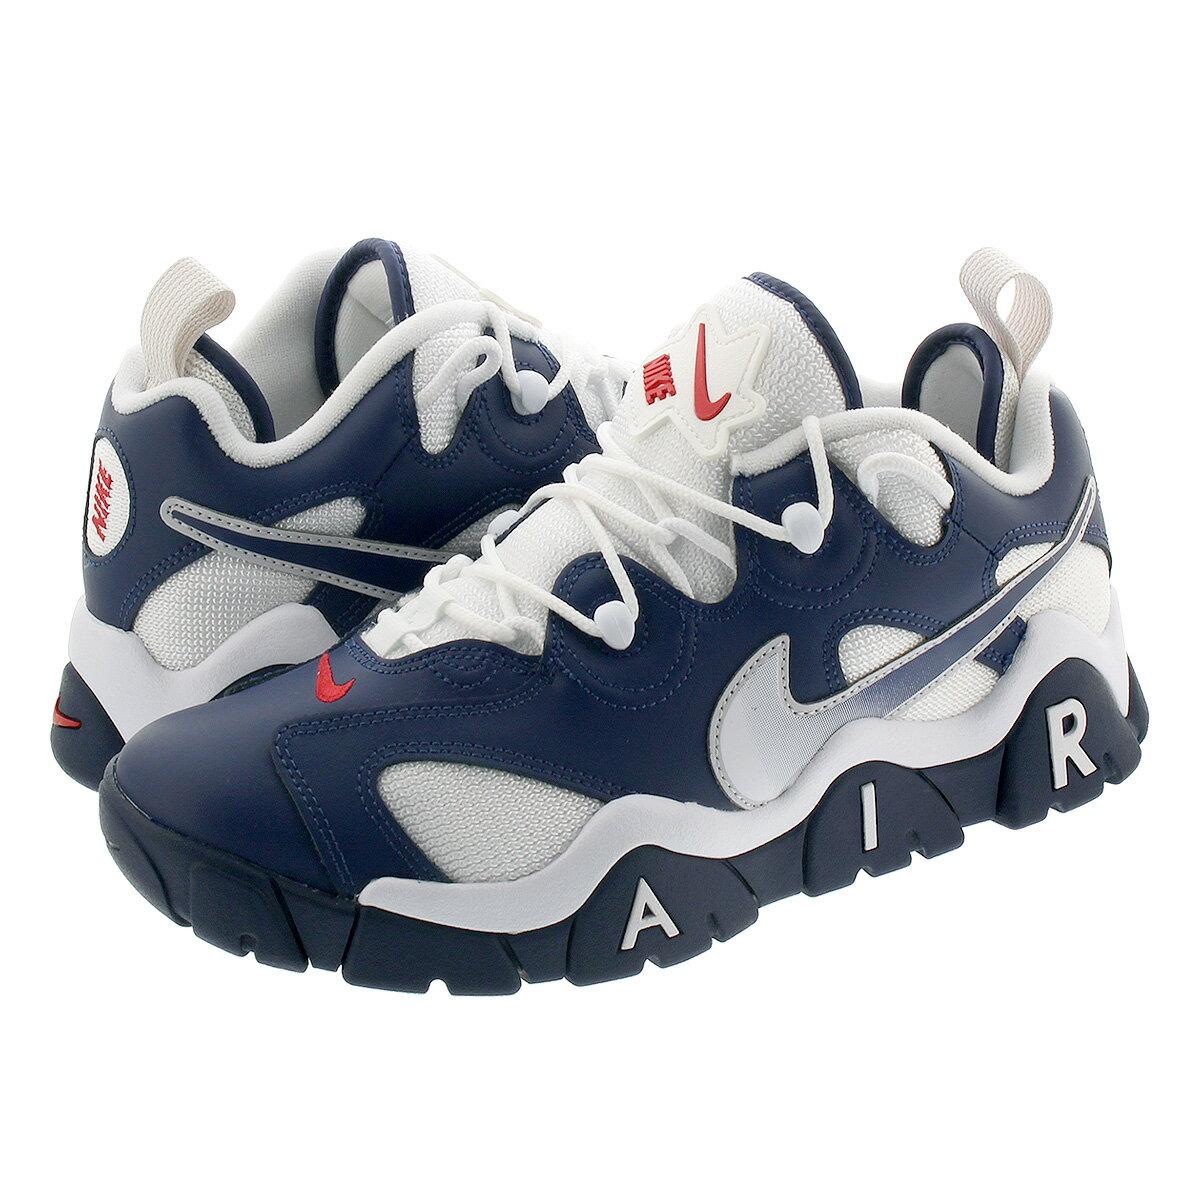 メンズ靴, スニーカー  NIKE AIR BARRAGE LOW USA MIDNIGHT NAVYWHITEUNIVERSITY REDMETALLIC SILVER cn0060-400